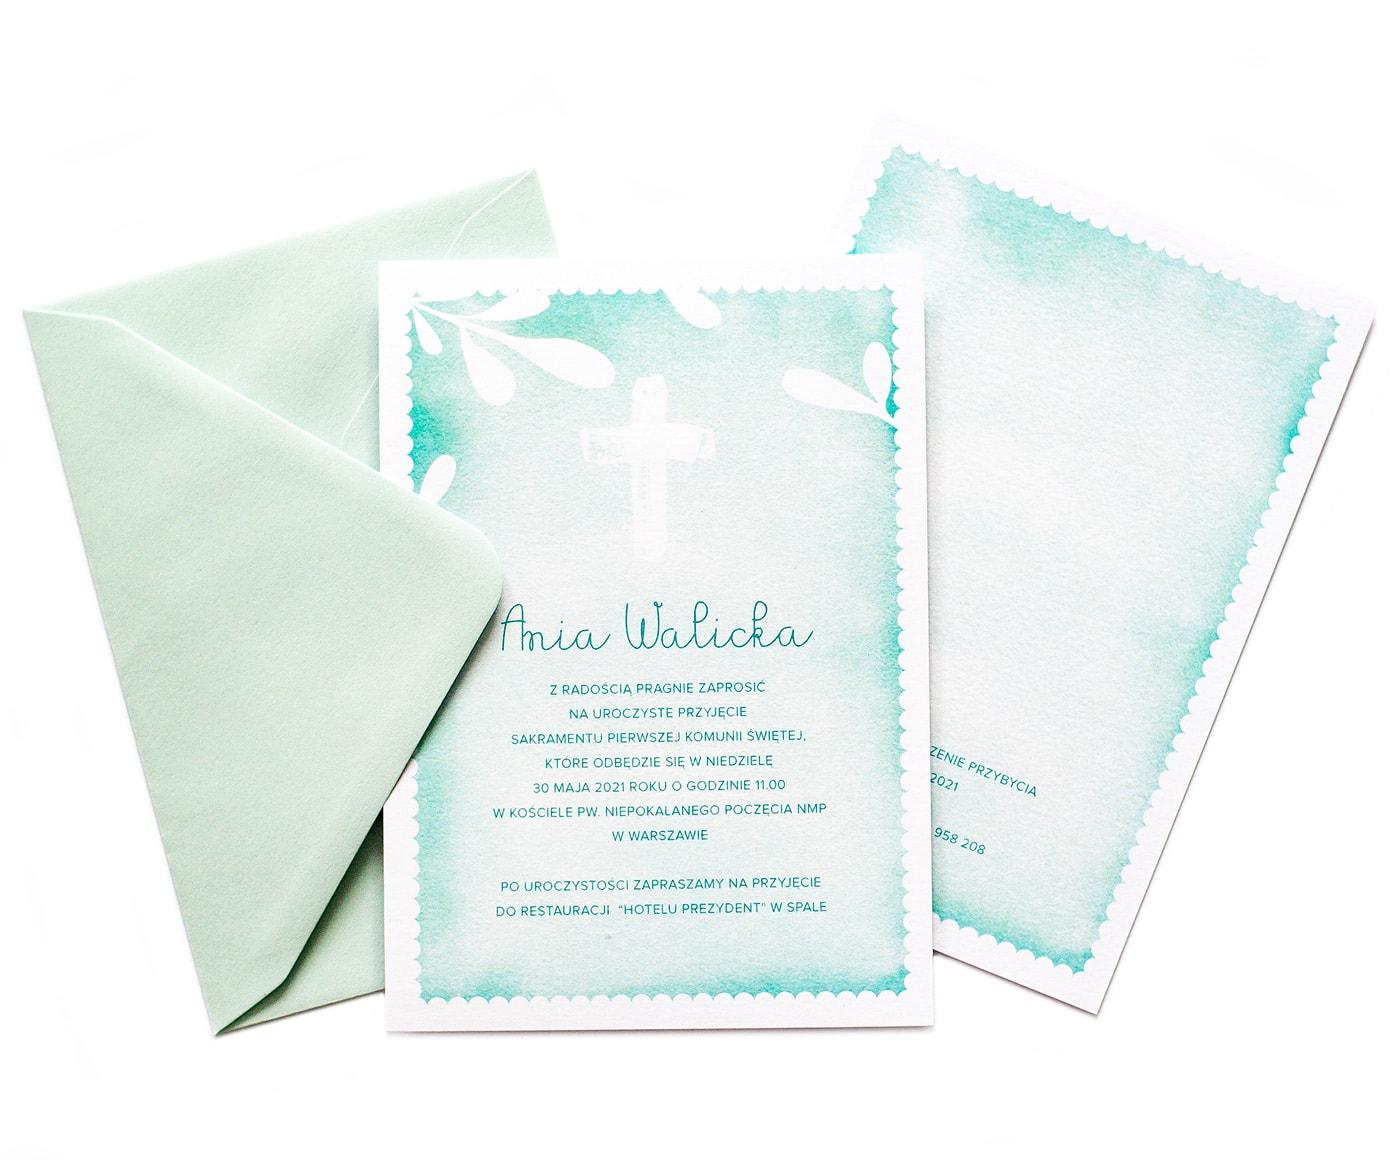 Zaproszenia na Komunię jasnozielone tło watercolor i biały krzyż